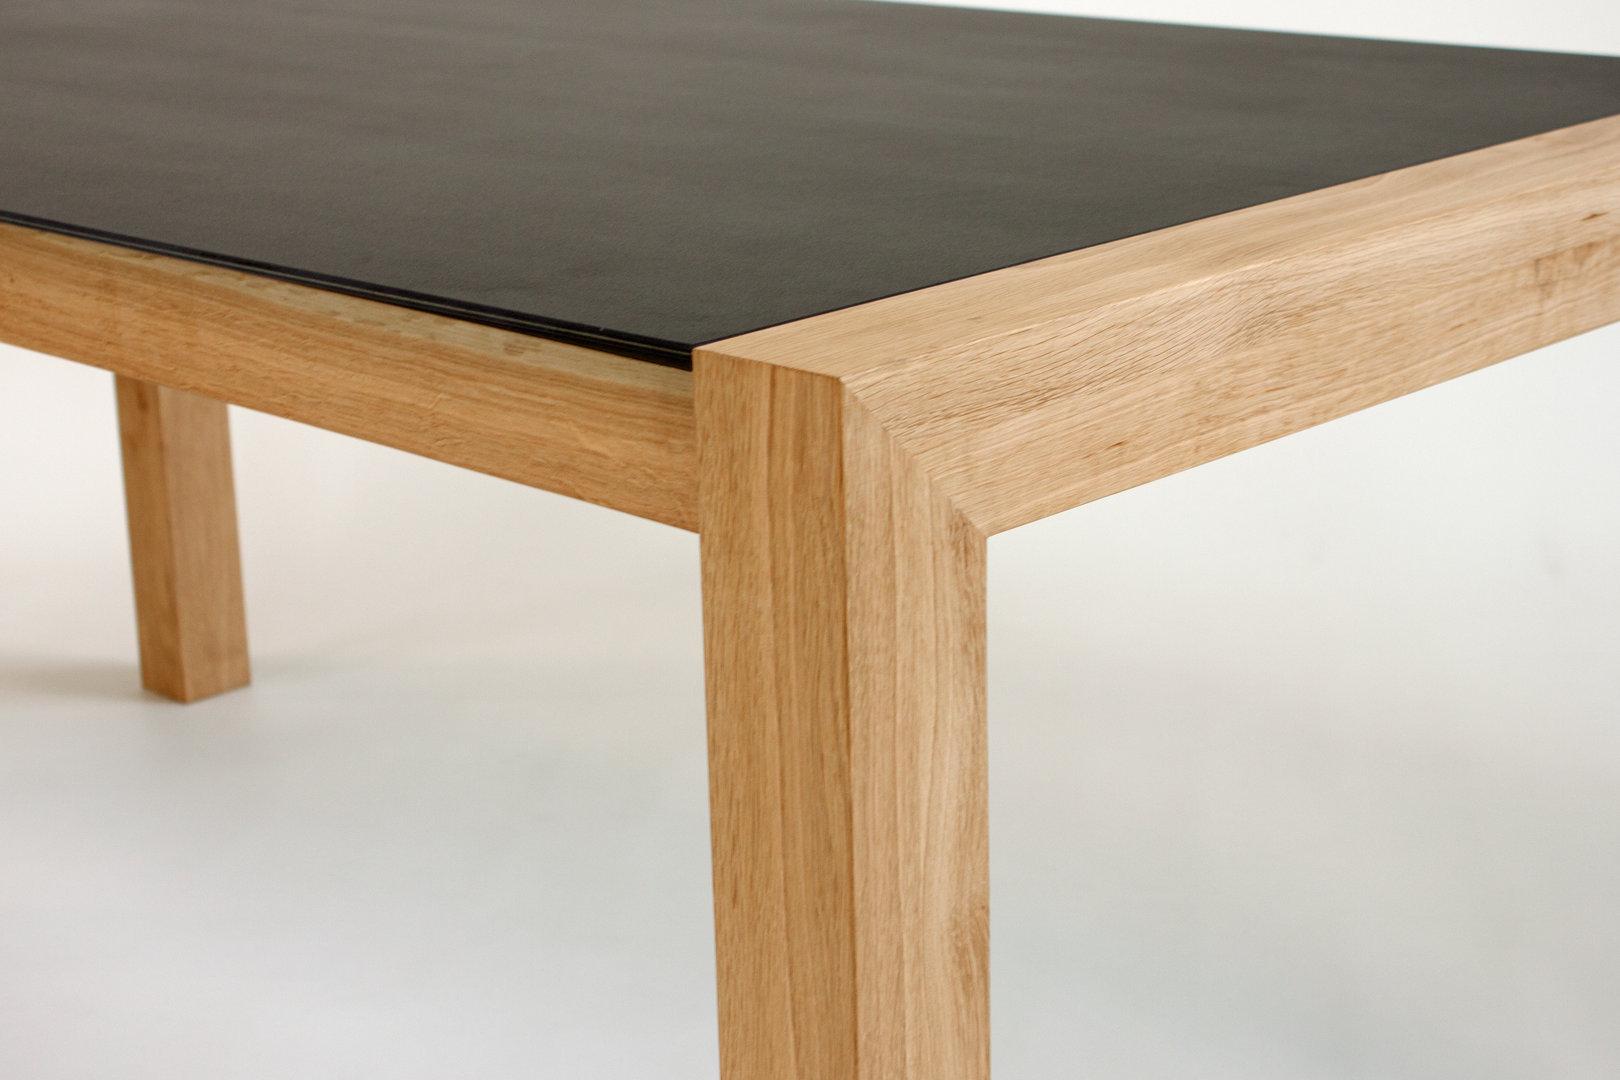 venta keramik esstisch alpgranit. Black Bedroom Furniture Sets. Home Design Ideas